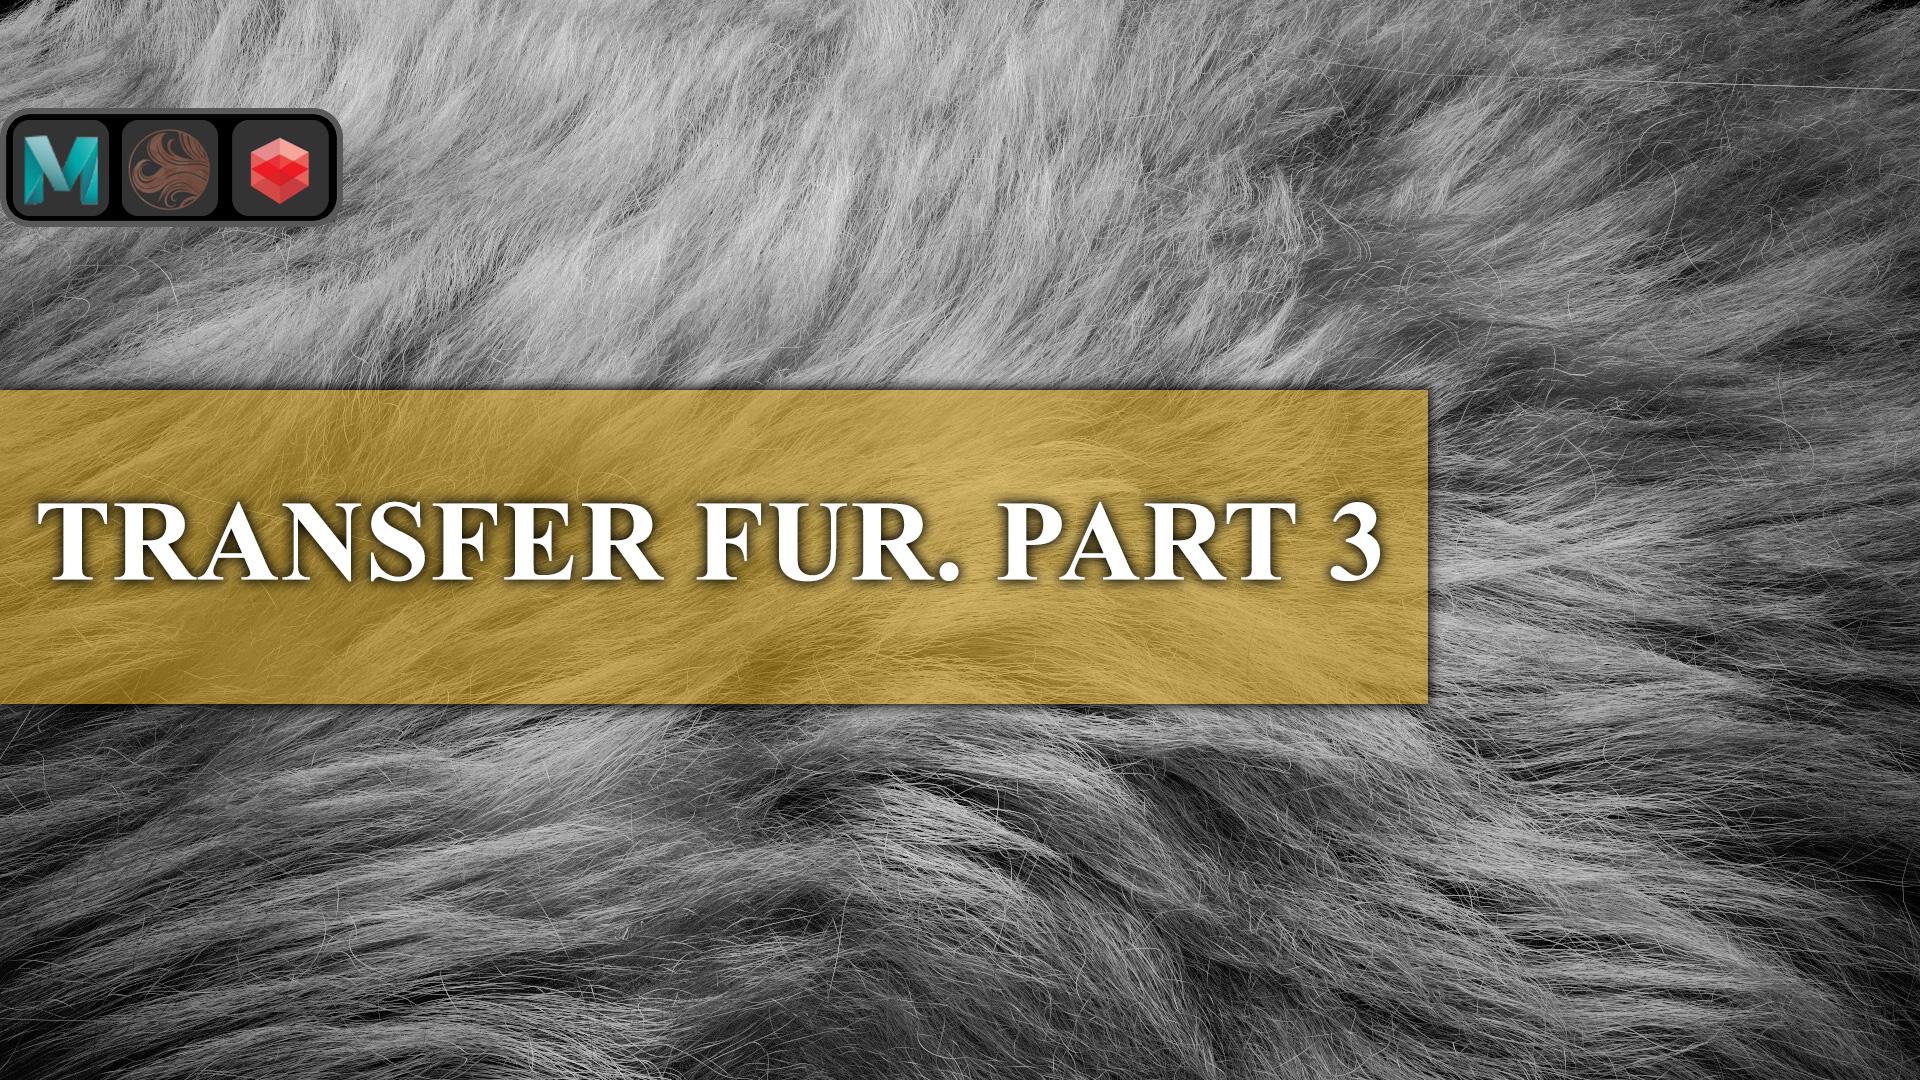 TRANSFER_FUR_PART3.jpg